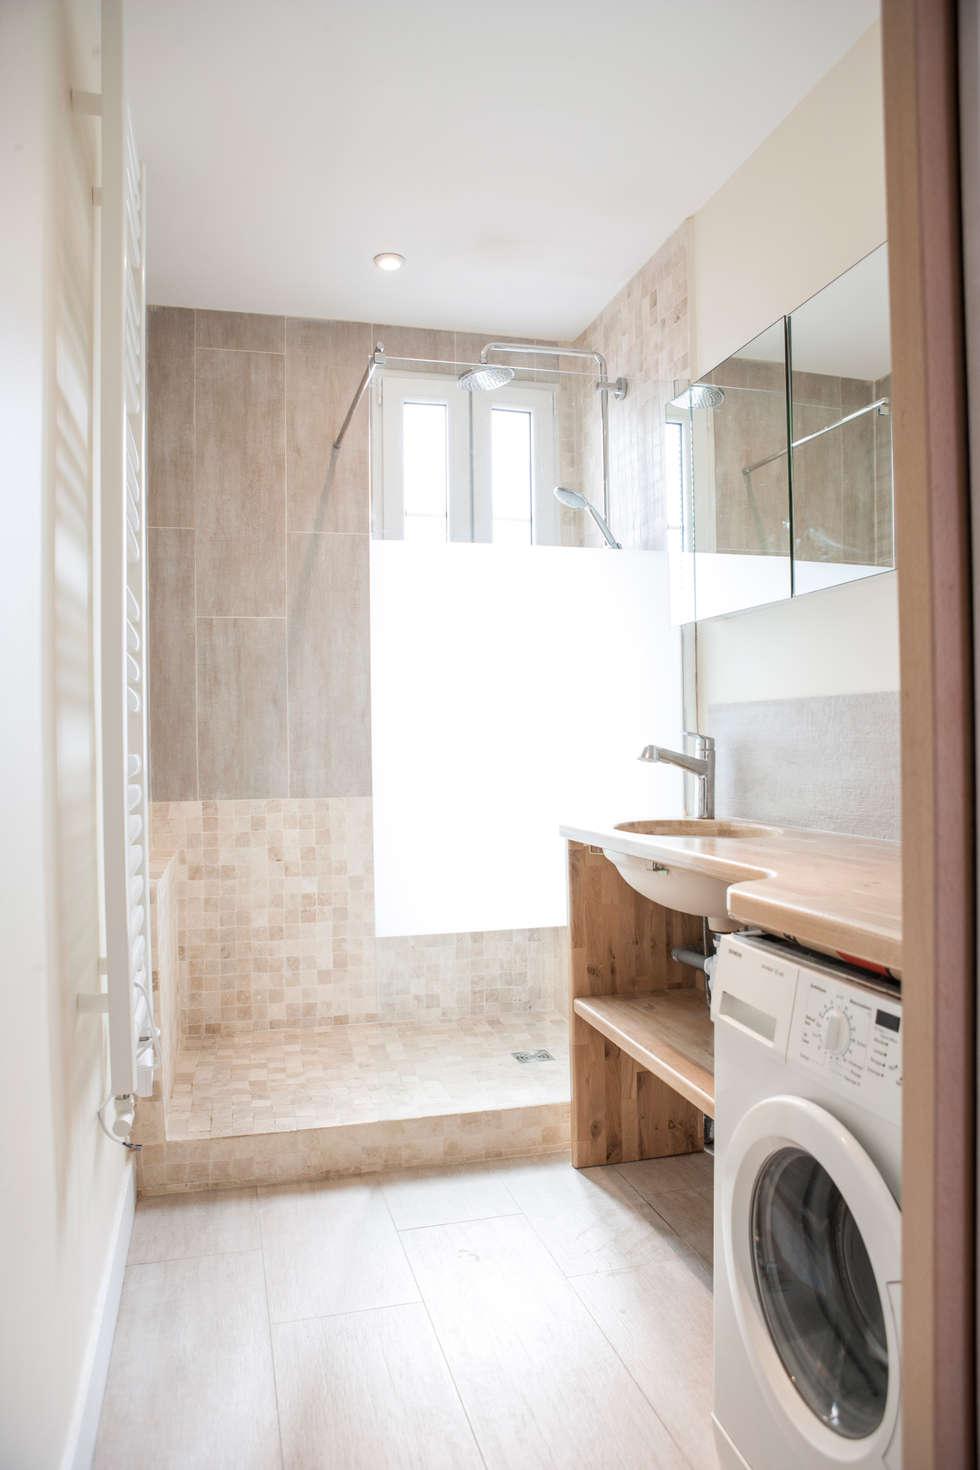 salle de bain 03: Salle de bains de style  par Olivier Olindo Architecte